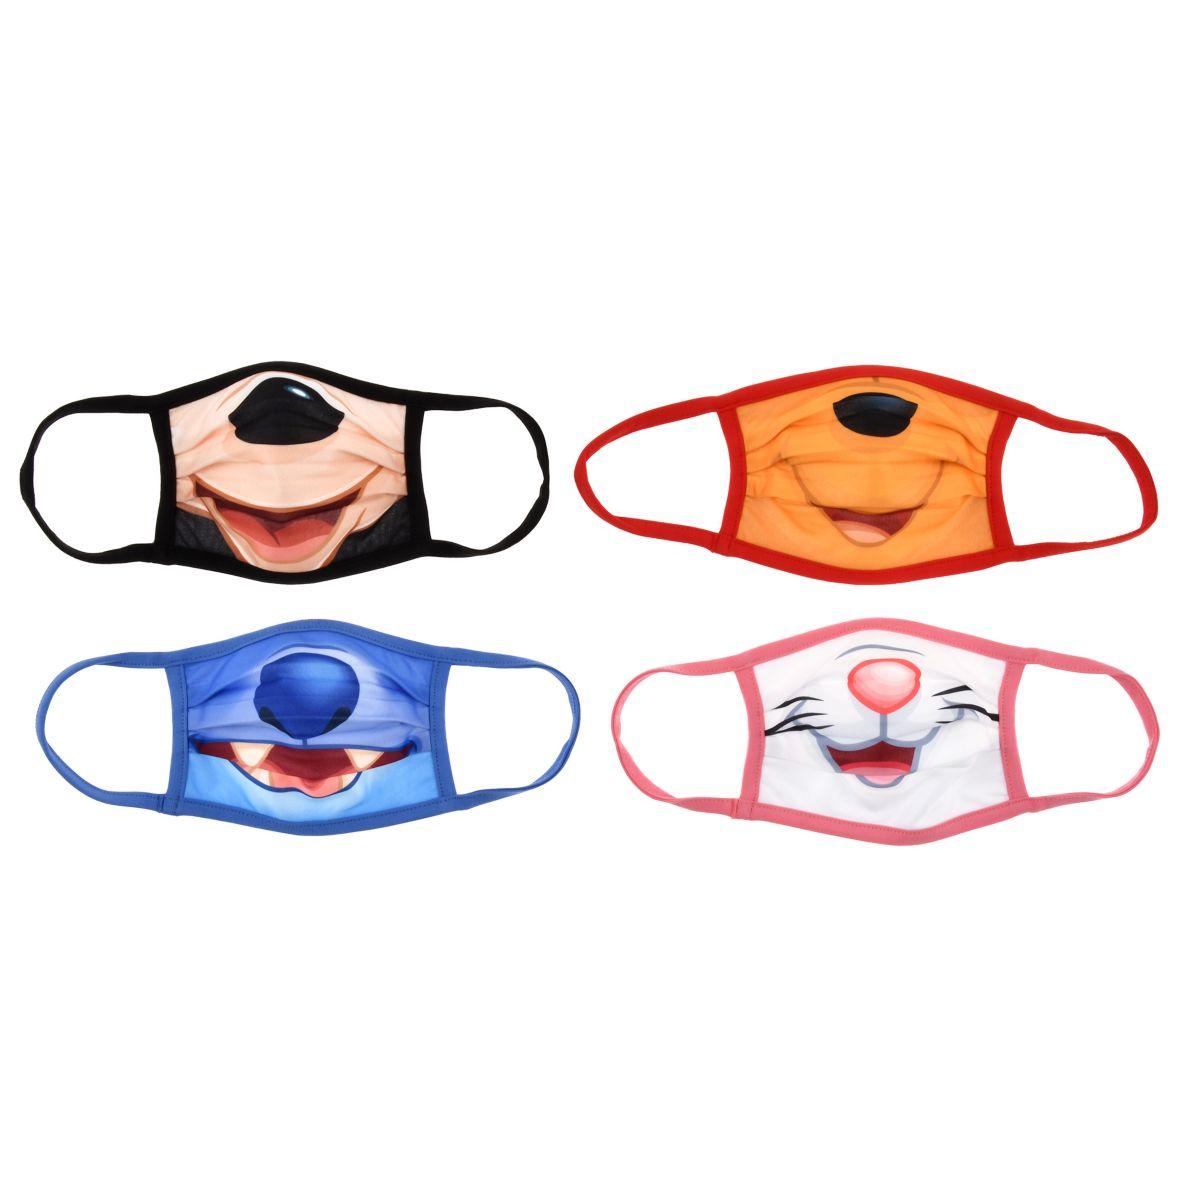 マスク(4枚セット)<ミッキー、スティッチ、プー、マリー>